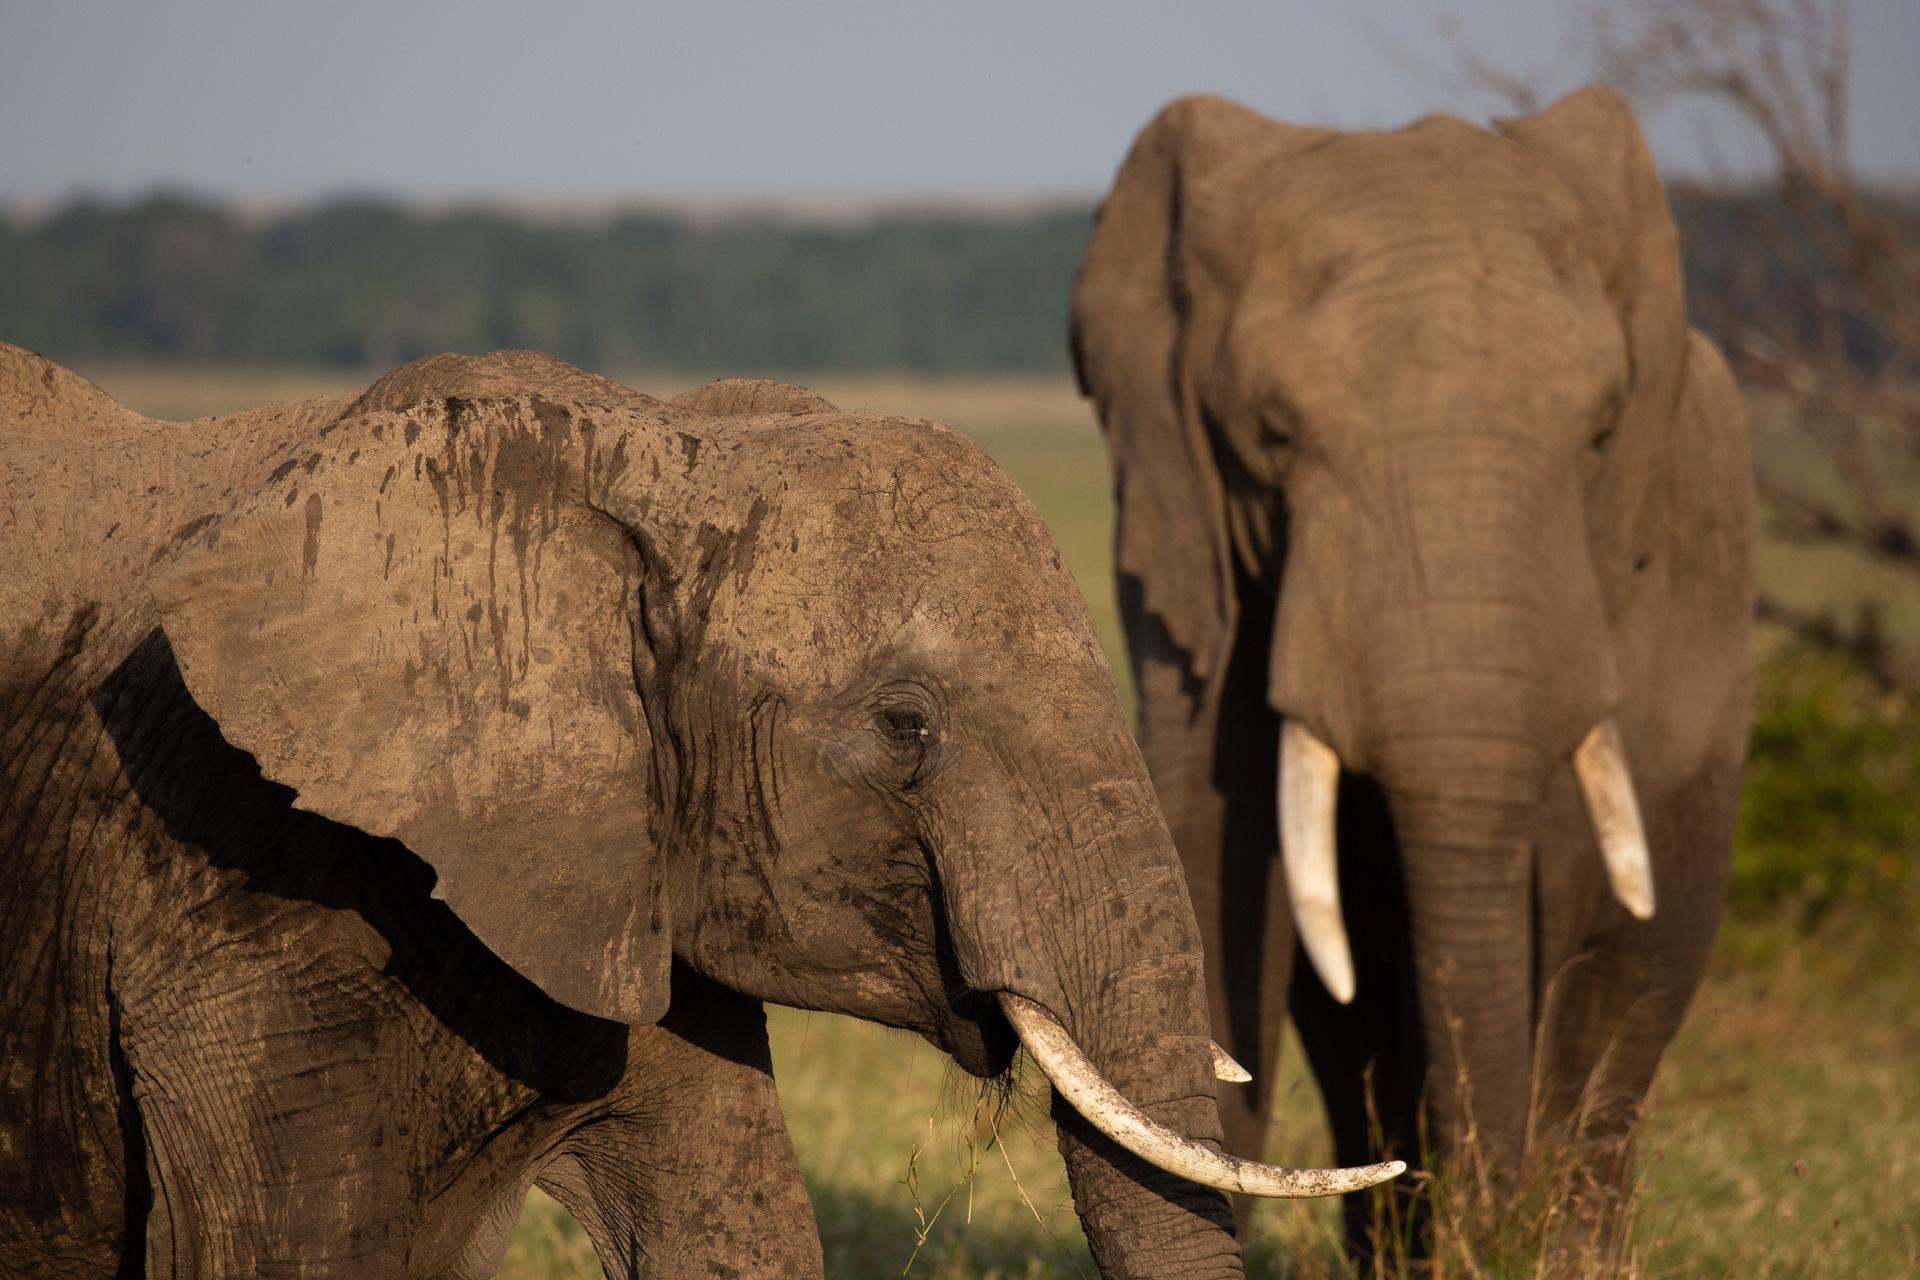 elephants close up